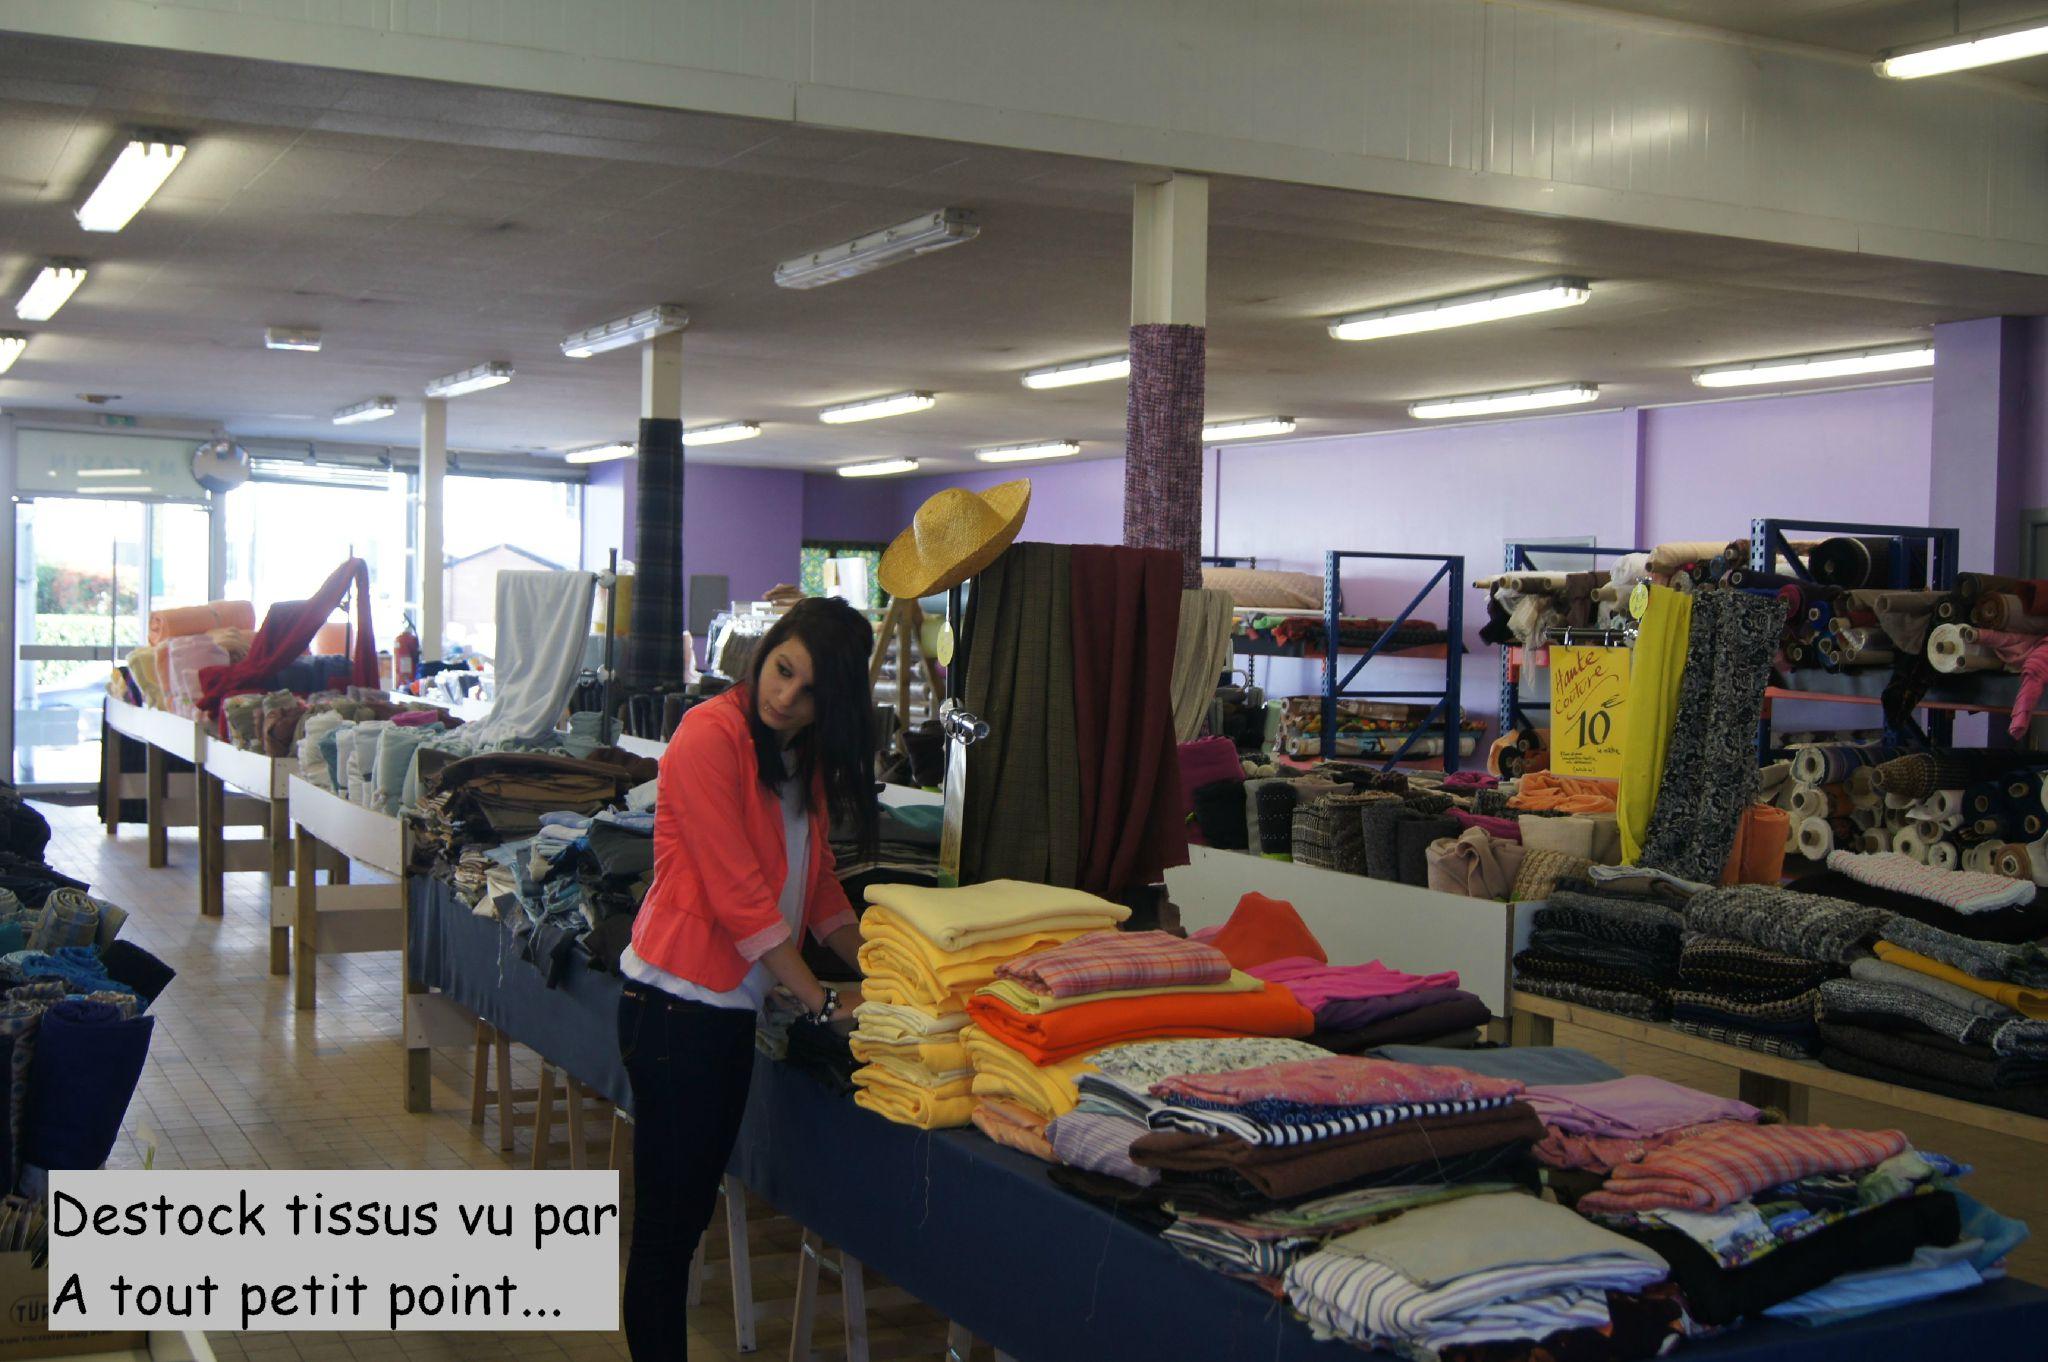 Vente De Tissus Brest le nouveau magasin destock tissus à hennebont - breizh addict